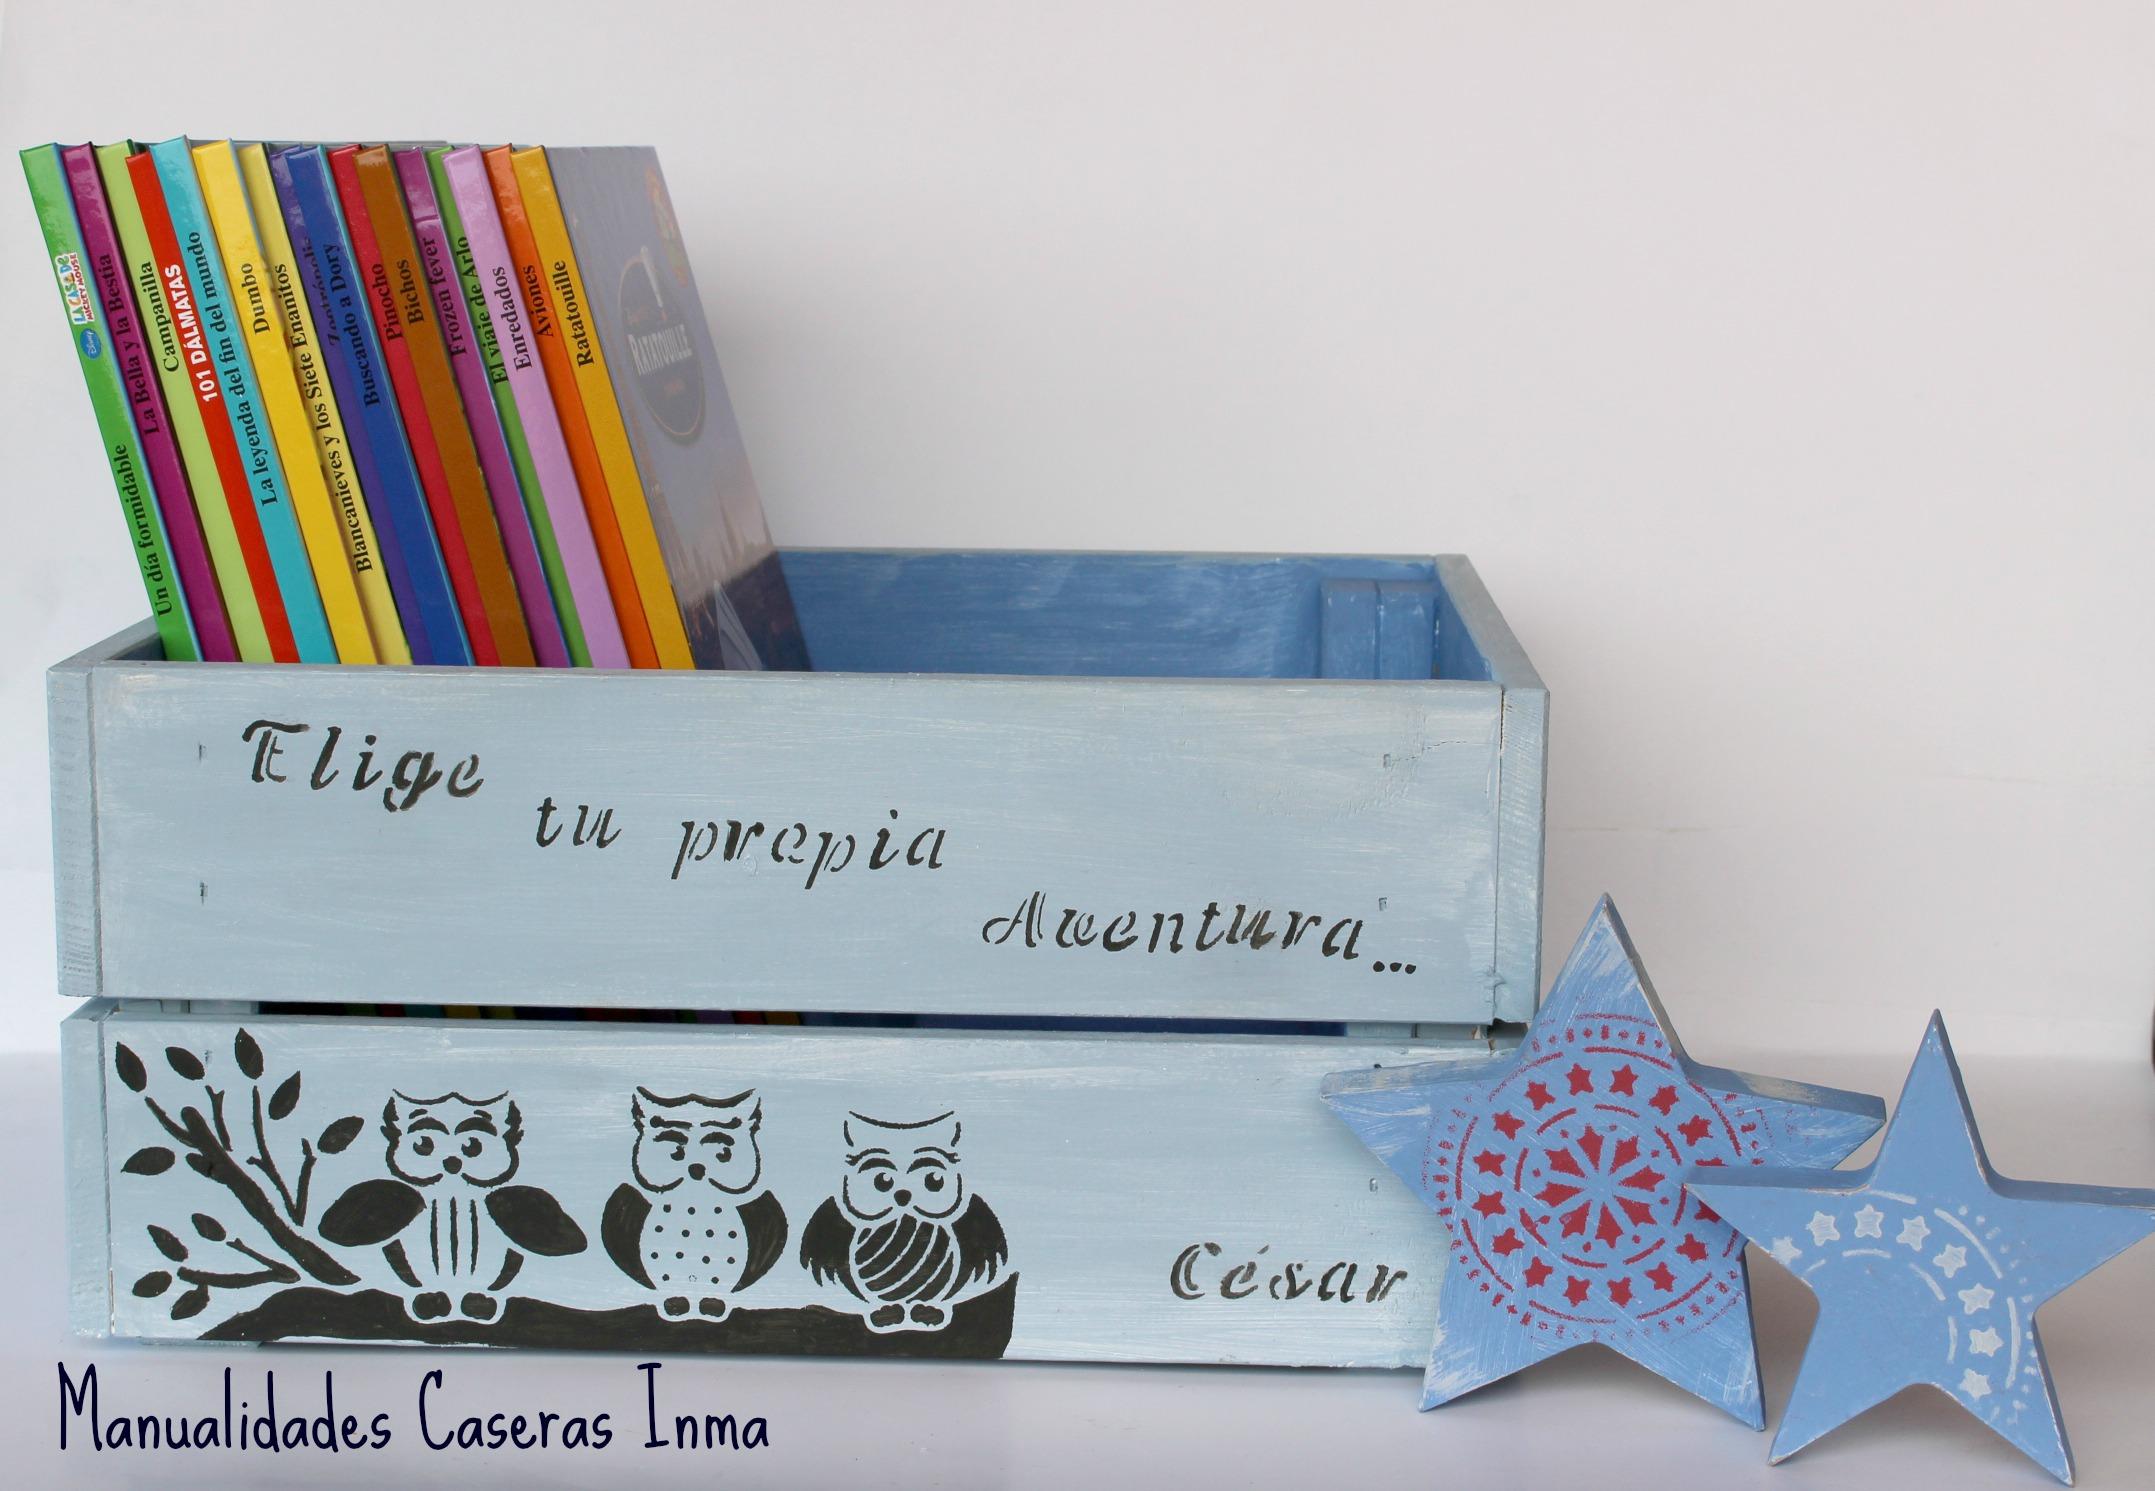 Manualidades Caseras Inma _Caja de madera para cuentos